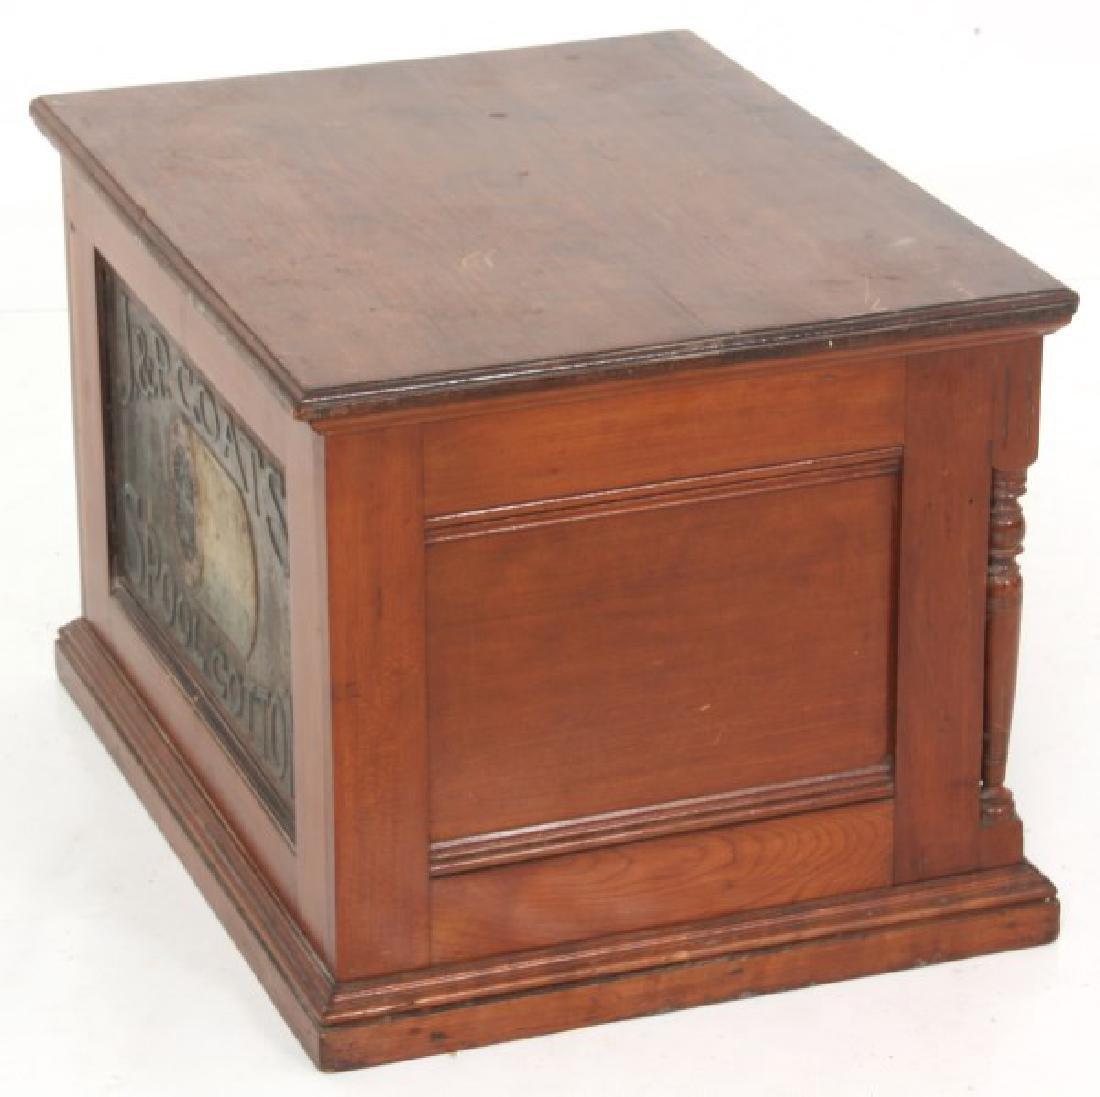 J&P Coats 4 Drawer Spool Cabinet - 10